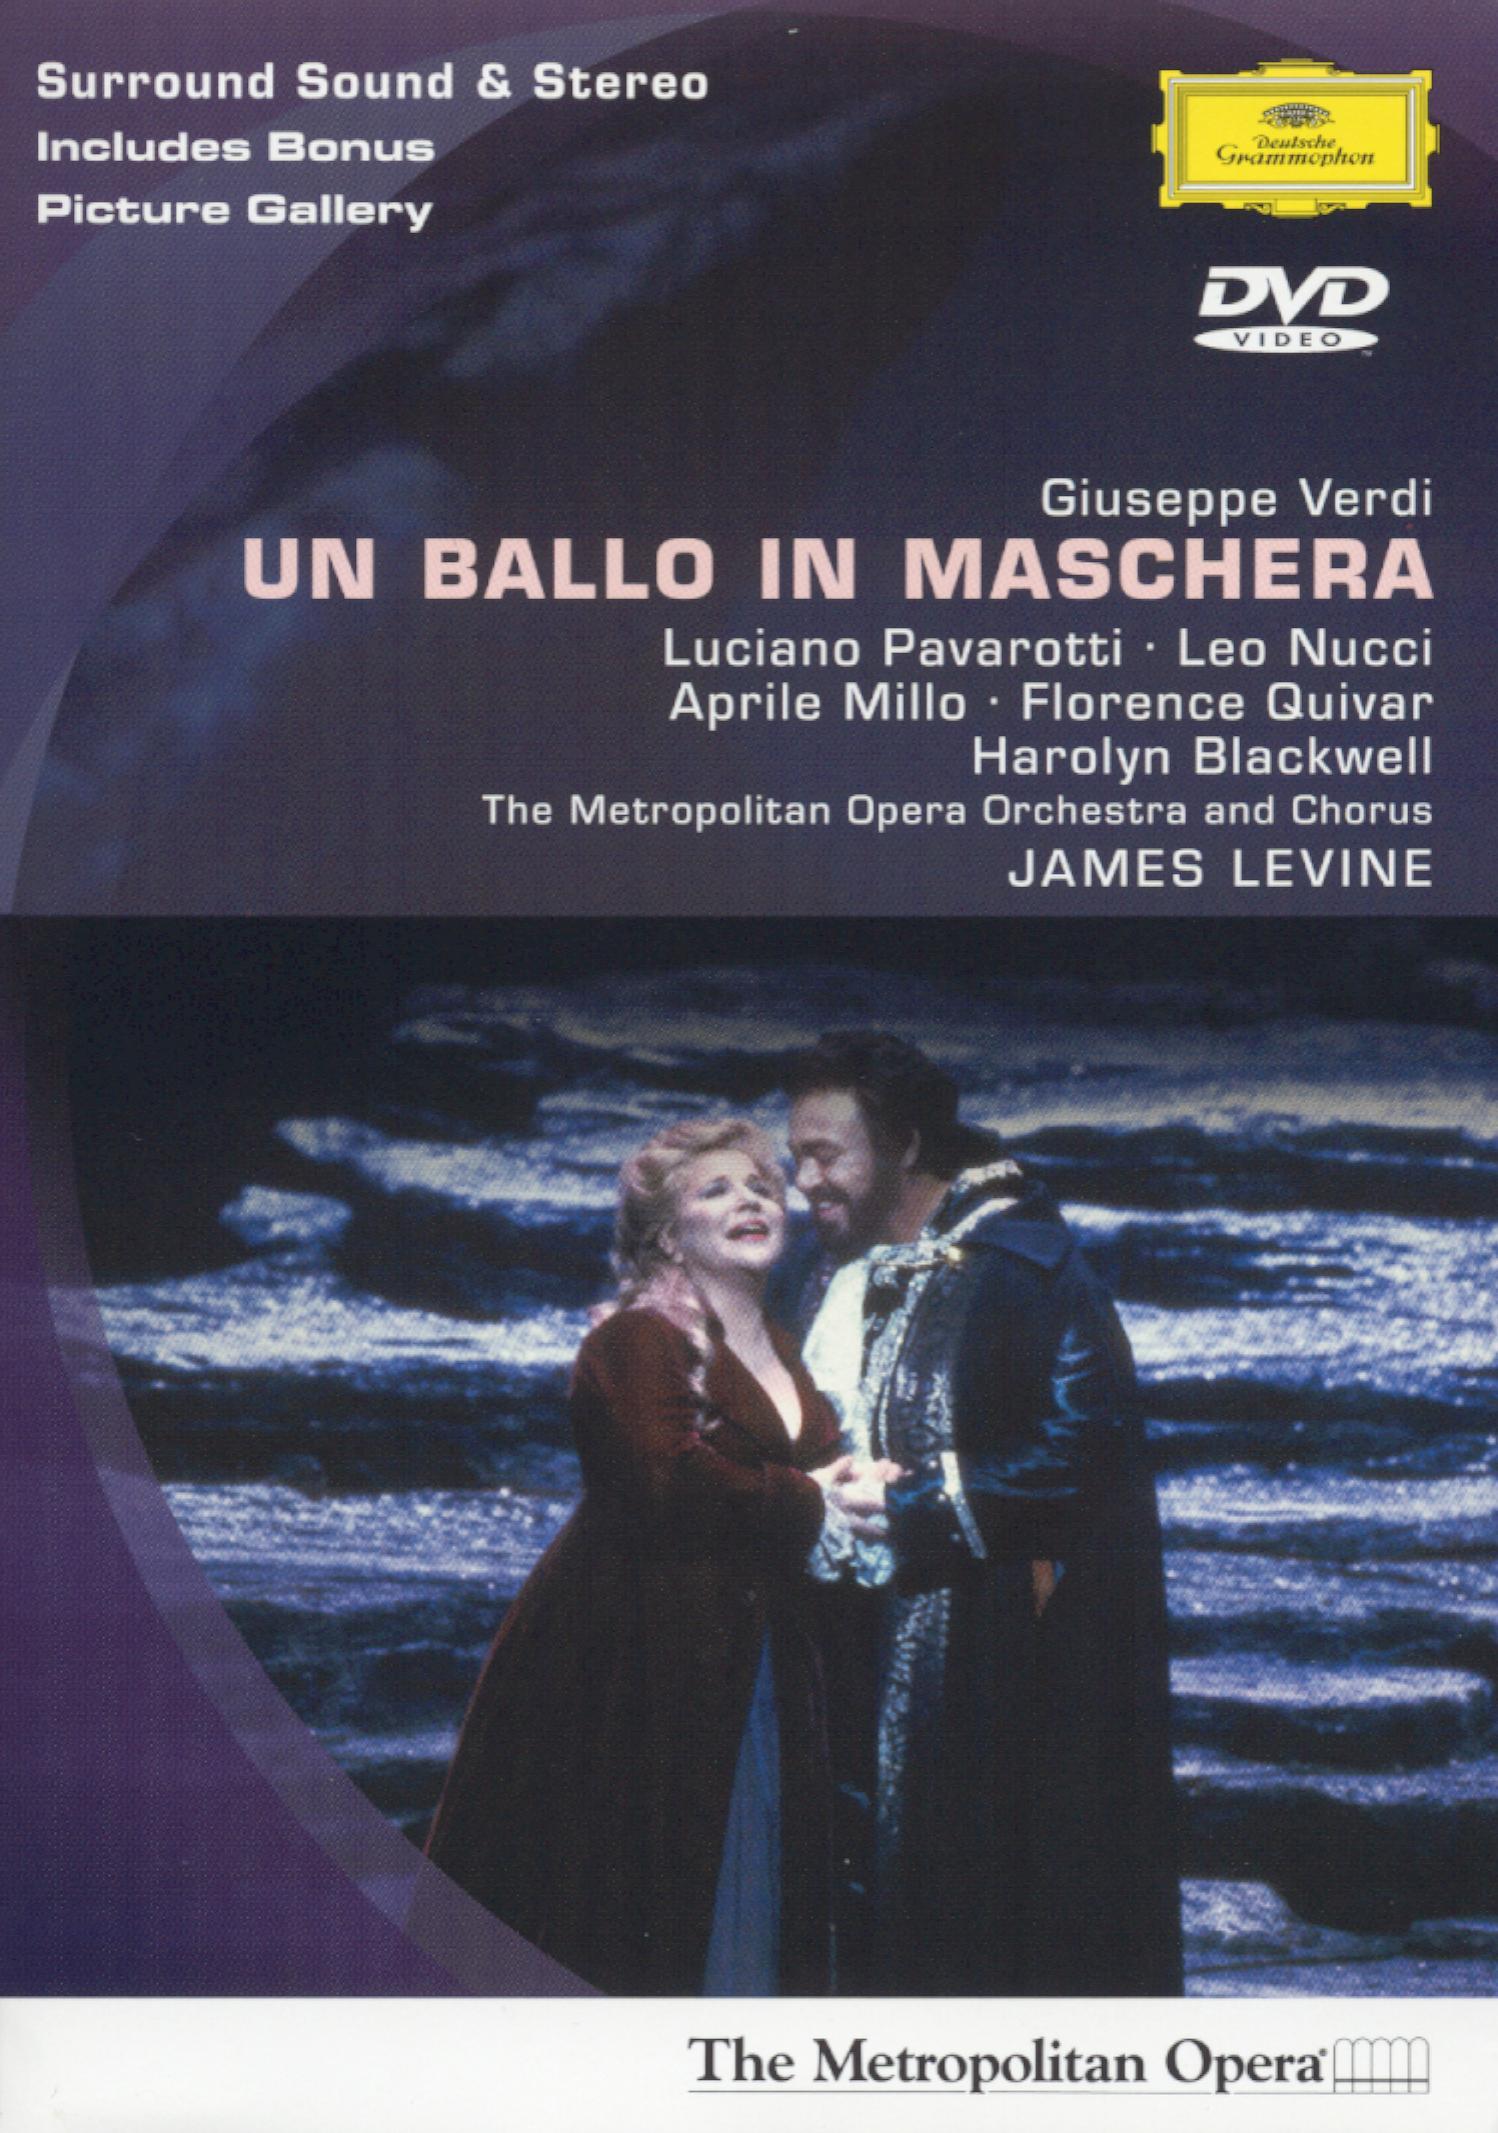 Un Ballo in Maschera (The Metropolitan Opera)